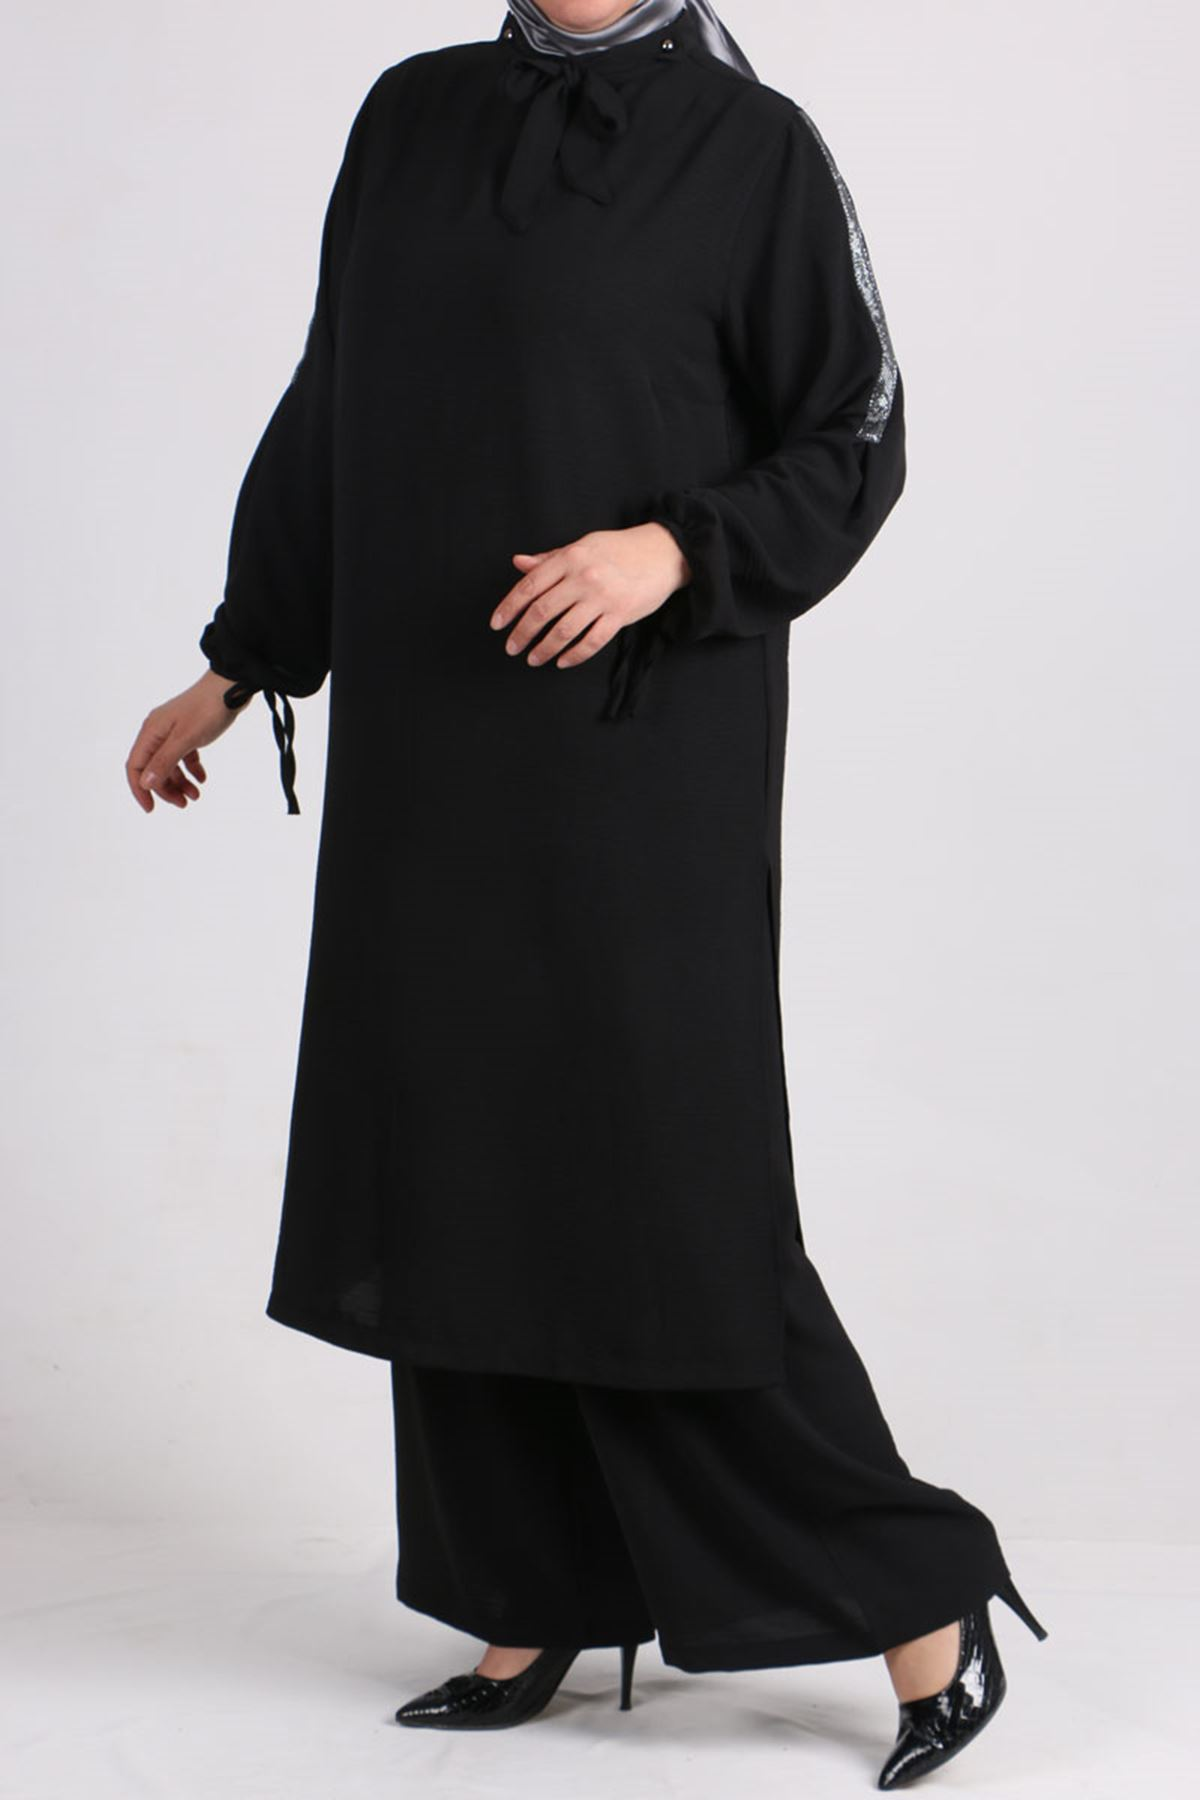 7694 Büyük Beden Airobin Fularlı Pantolonlu Takım - Siyah